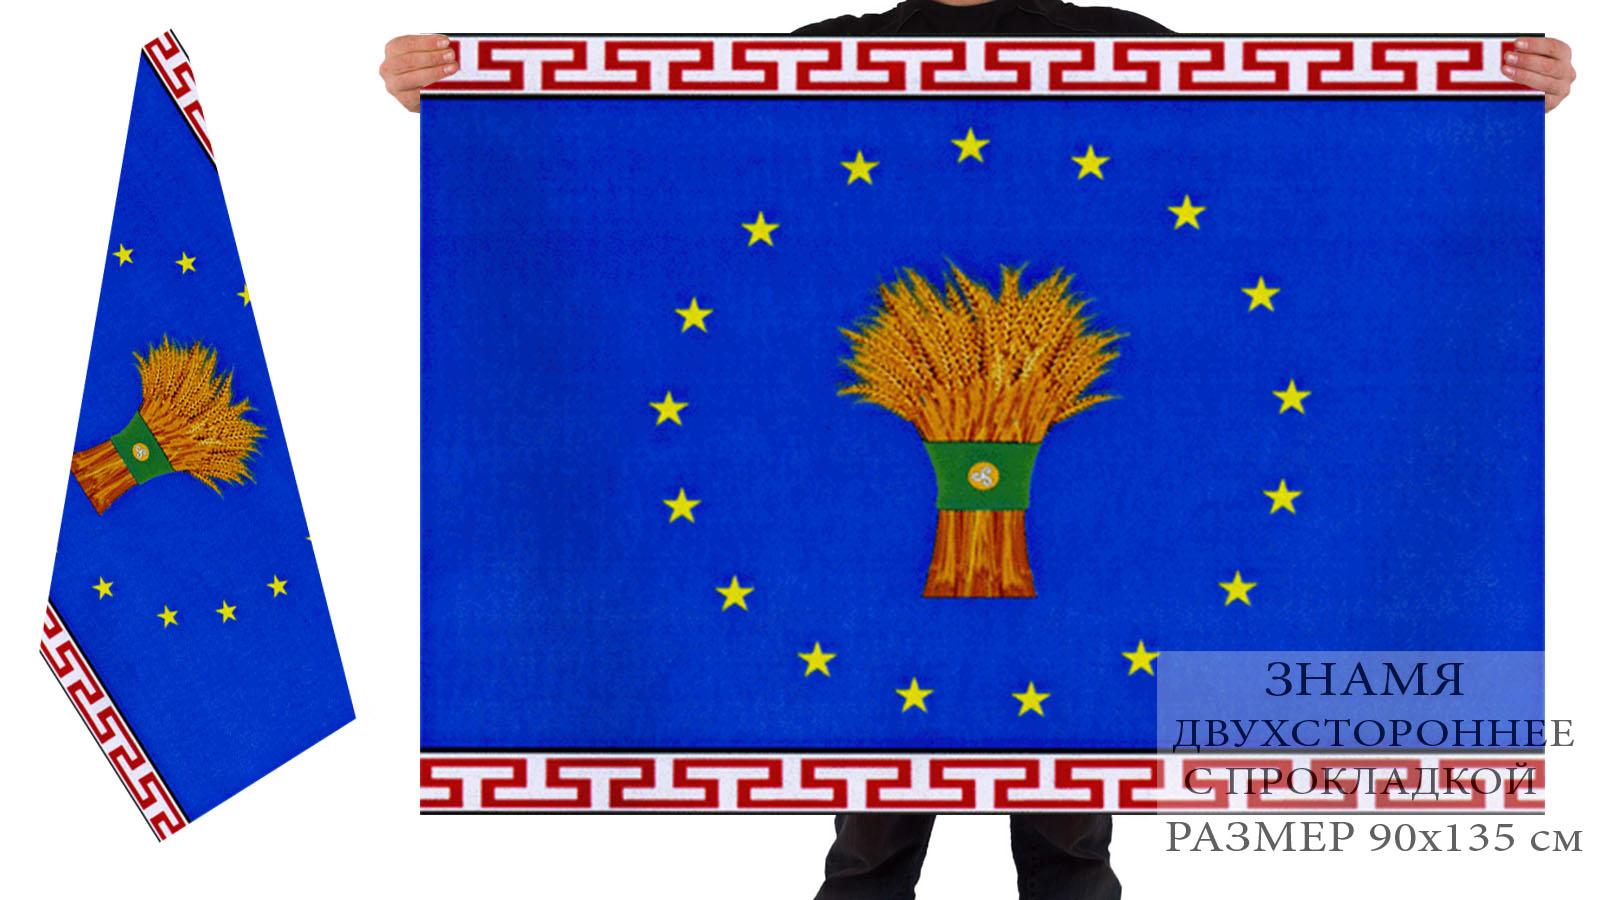 Купить флаг Аларского района